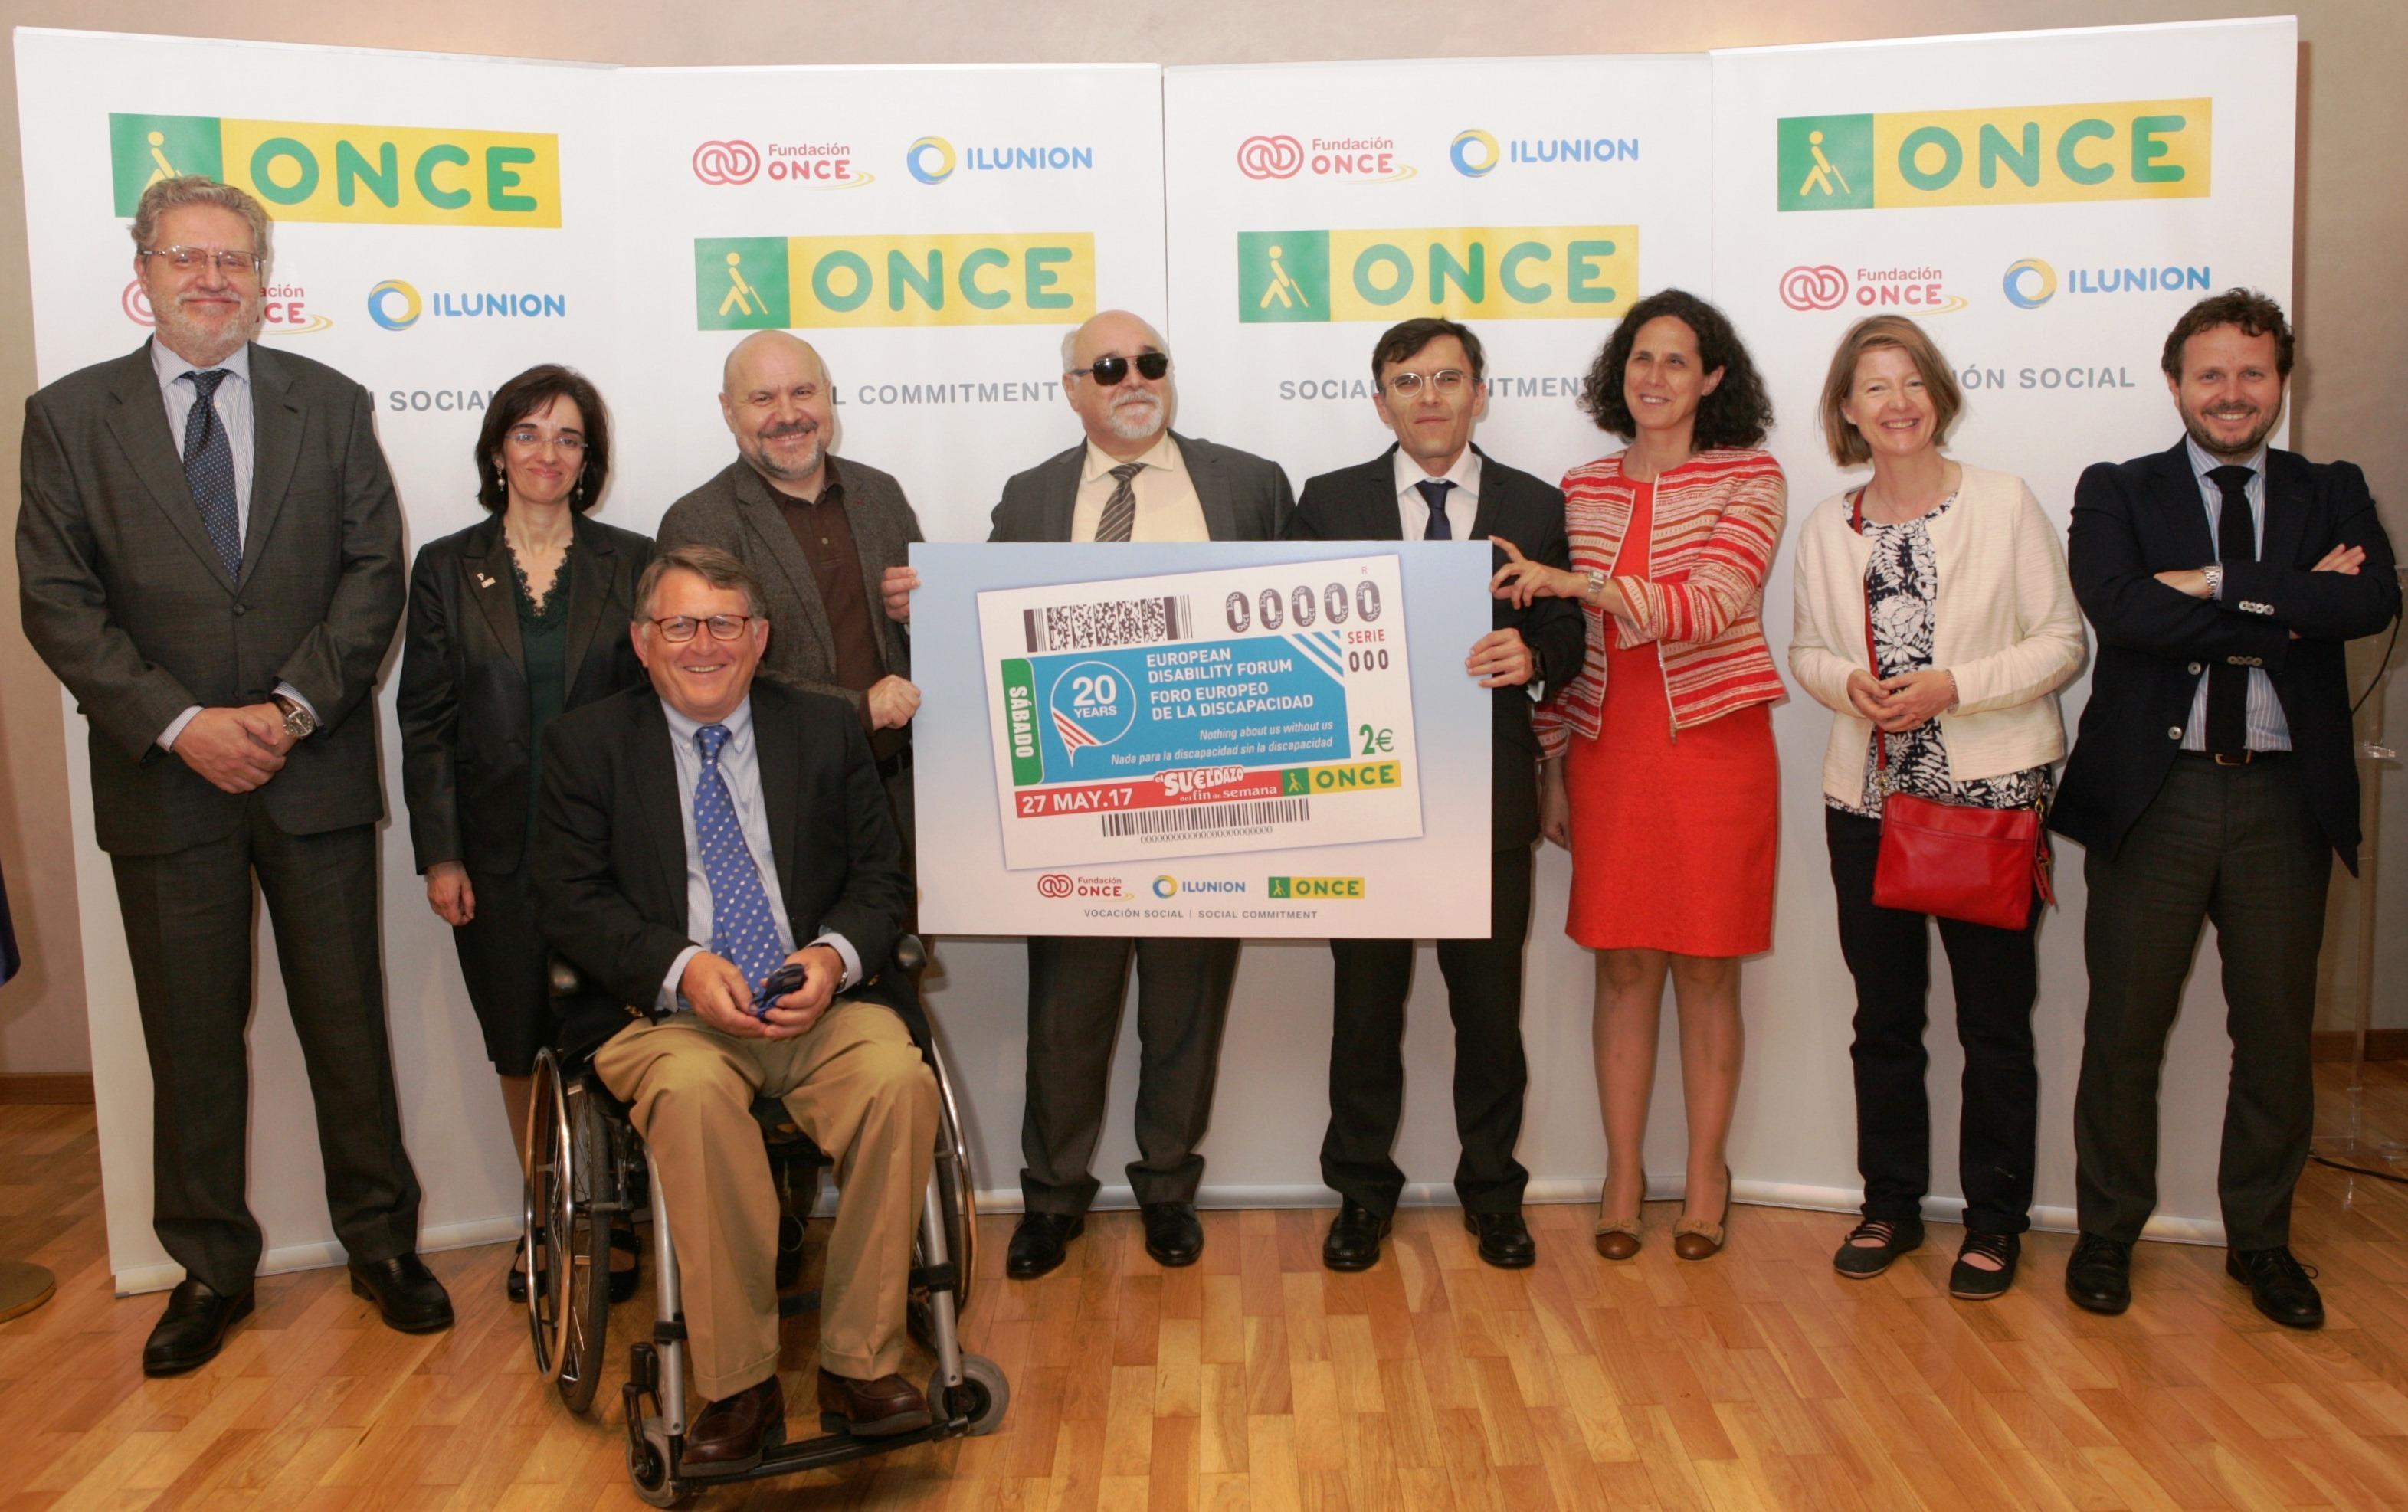 La ONCE dedica un cupón al 20 aniversario del Foro Europeo de la Discapacidad